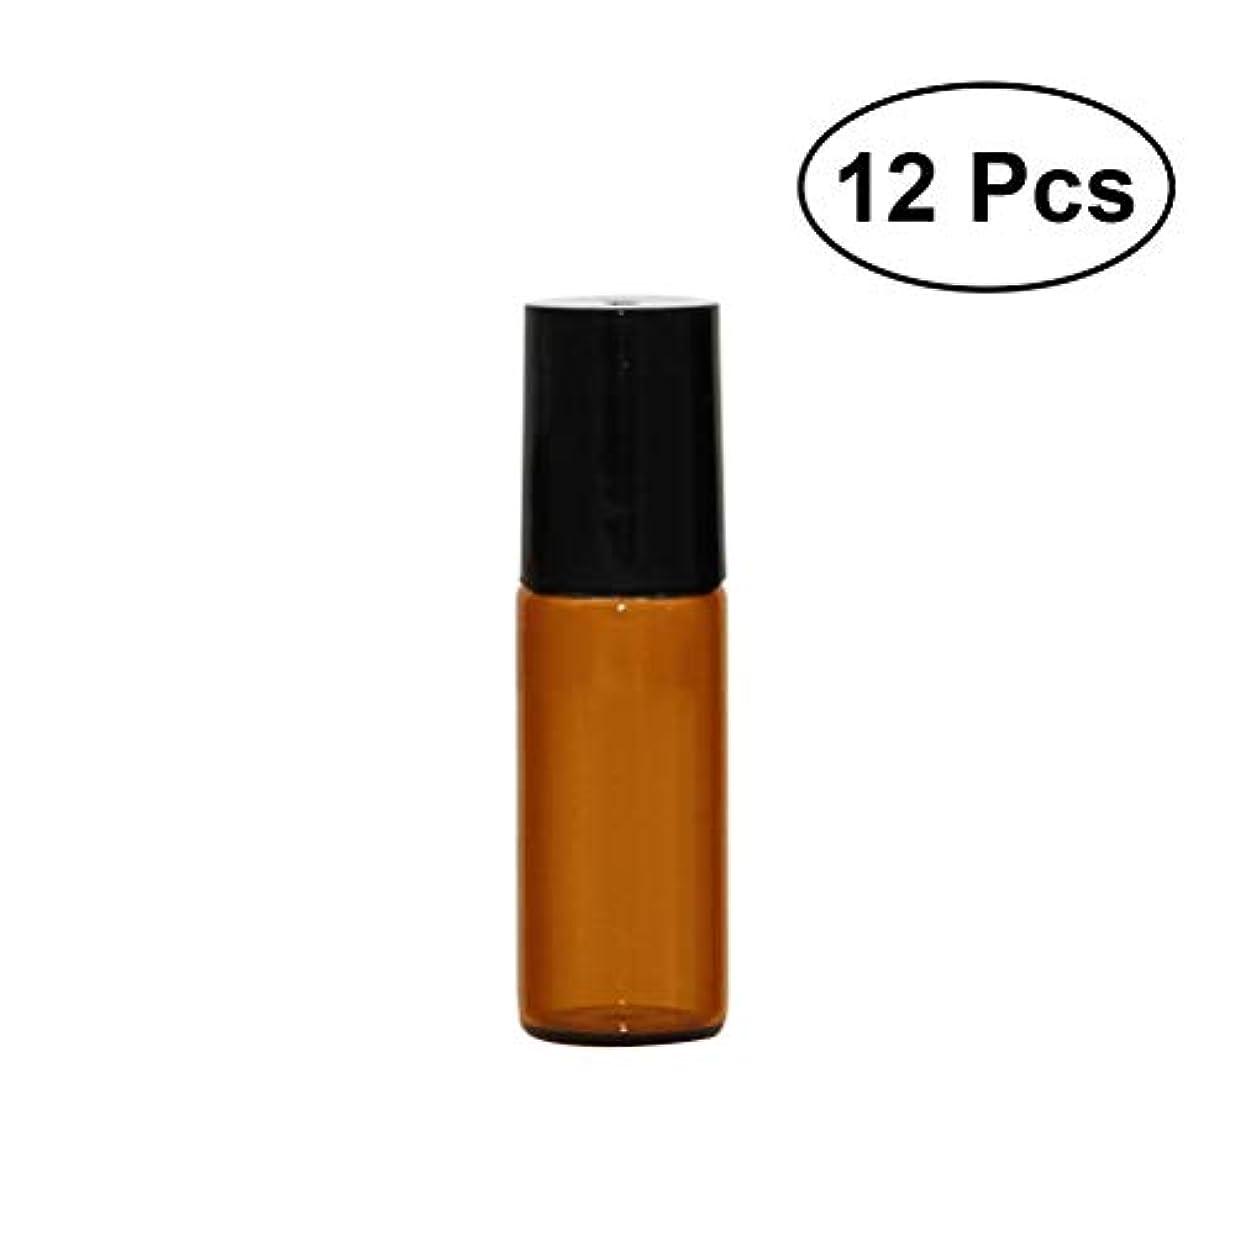 配偶者夫婦ホイール12本セット 5ml ローオンボトル イプ 茶色 香水 精油 遮光瓶 ガラスロールタ小分け用 アロマボトル 保存容器